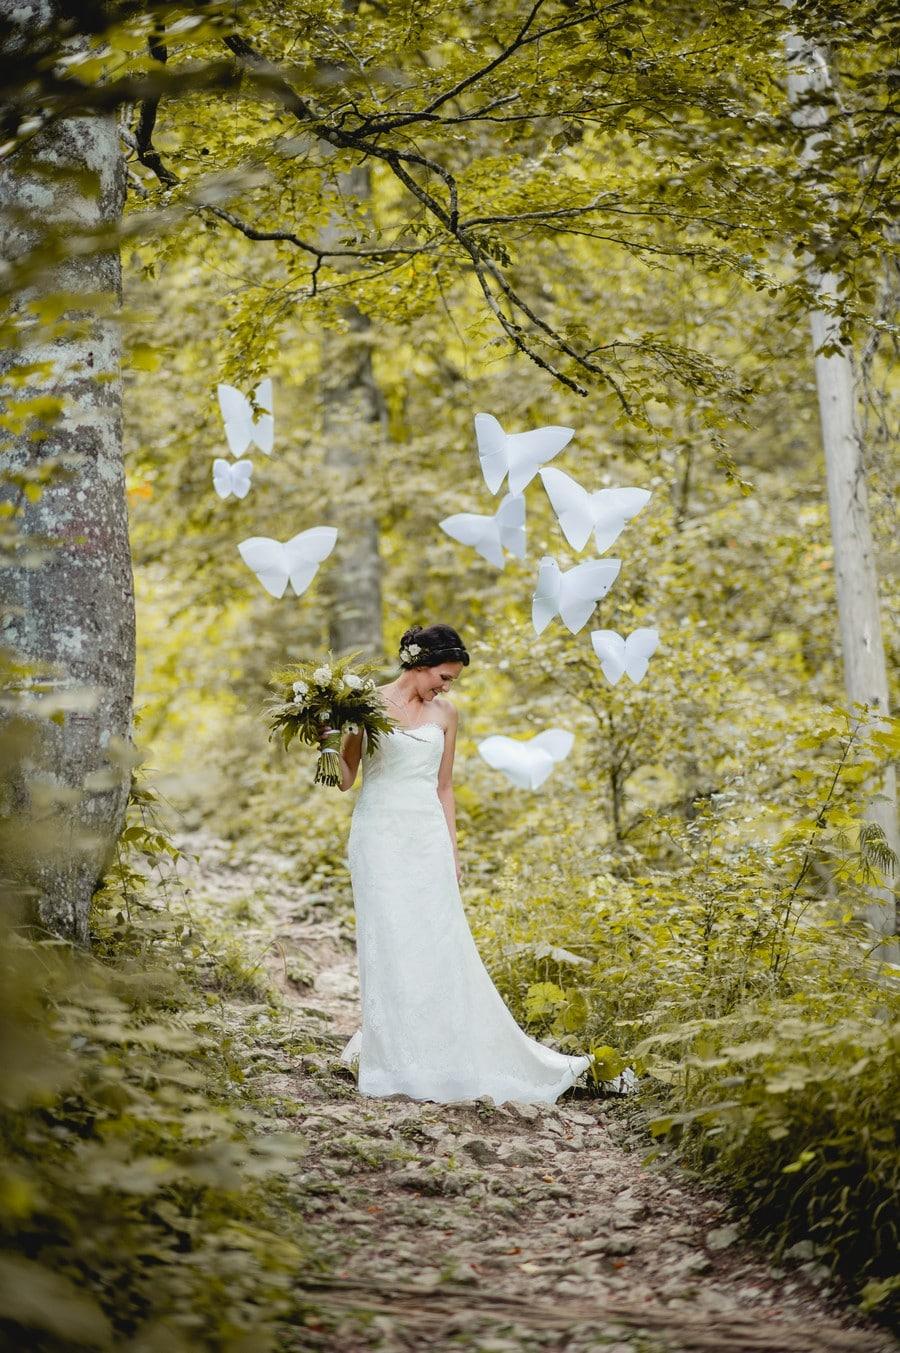 Inspirationen für eine natürliche Hochzeit mit Farnen und Traum-Motiven wie Zwergen und Schmetterlingen. styled Shoot in Bayern von Trauwerk und Hochzeitsgezwitscher